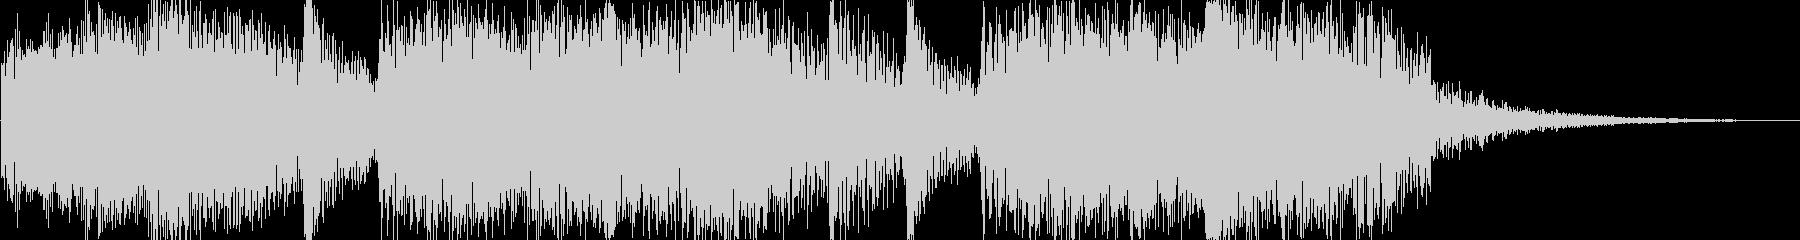 軽快で華やかなジングル 5秒verの未再生の波形